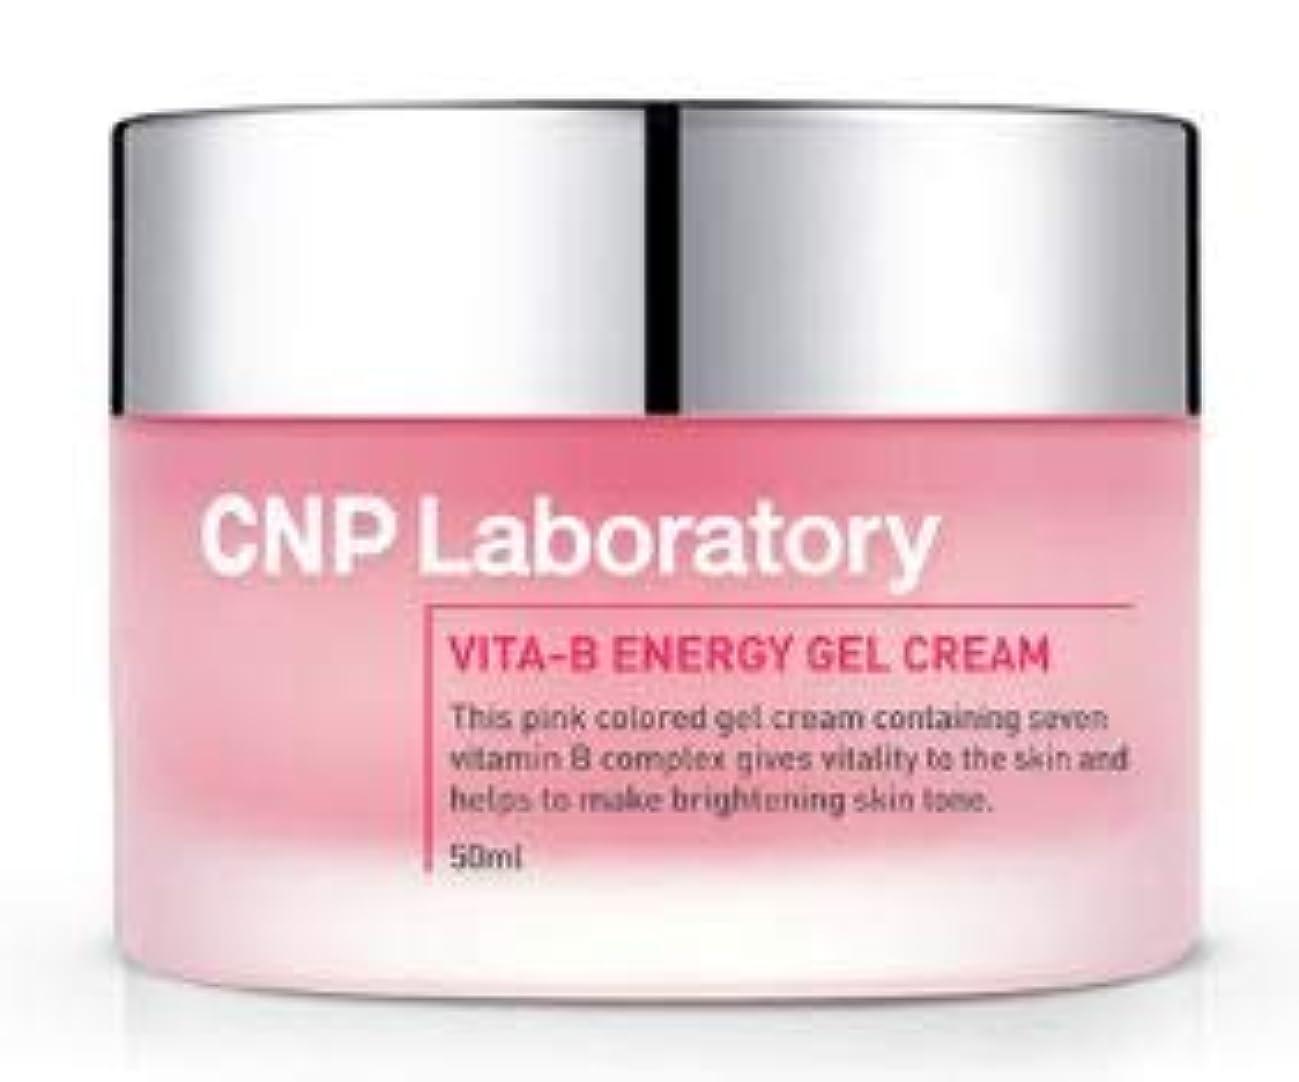 ジャーナリスト間に合わせつかむ[CHA&PARK(CNP)] Vita-B Energy Gel Cream 50ml /[チャアンドパク(CNP)] ビタ-B エネルギー ジェル クリーム 50ml [並行輸入品]